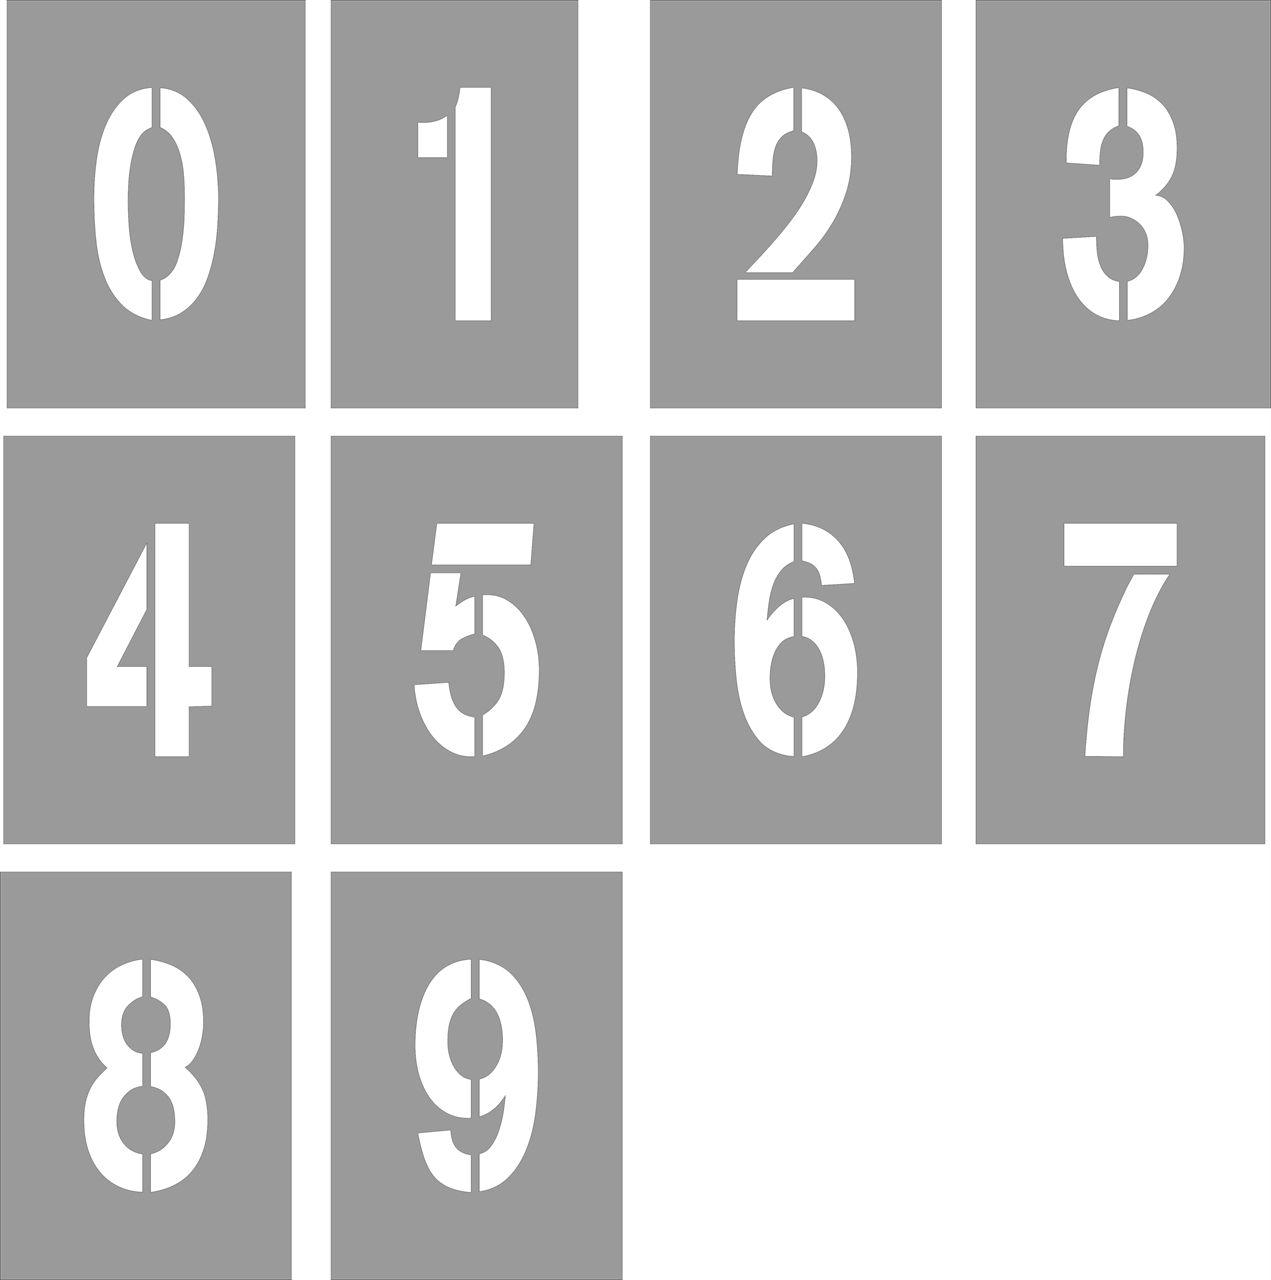 Шаблоны цифр для фото